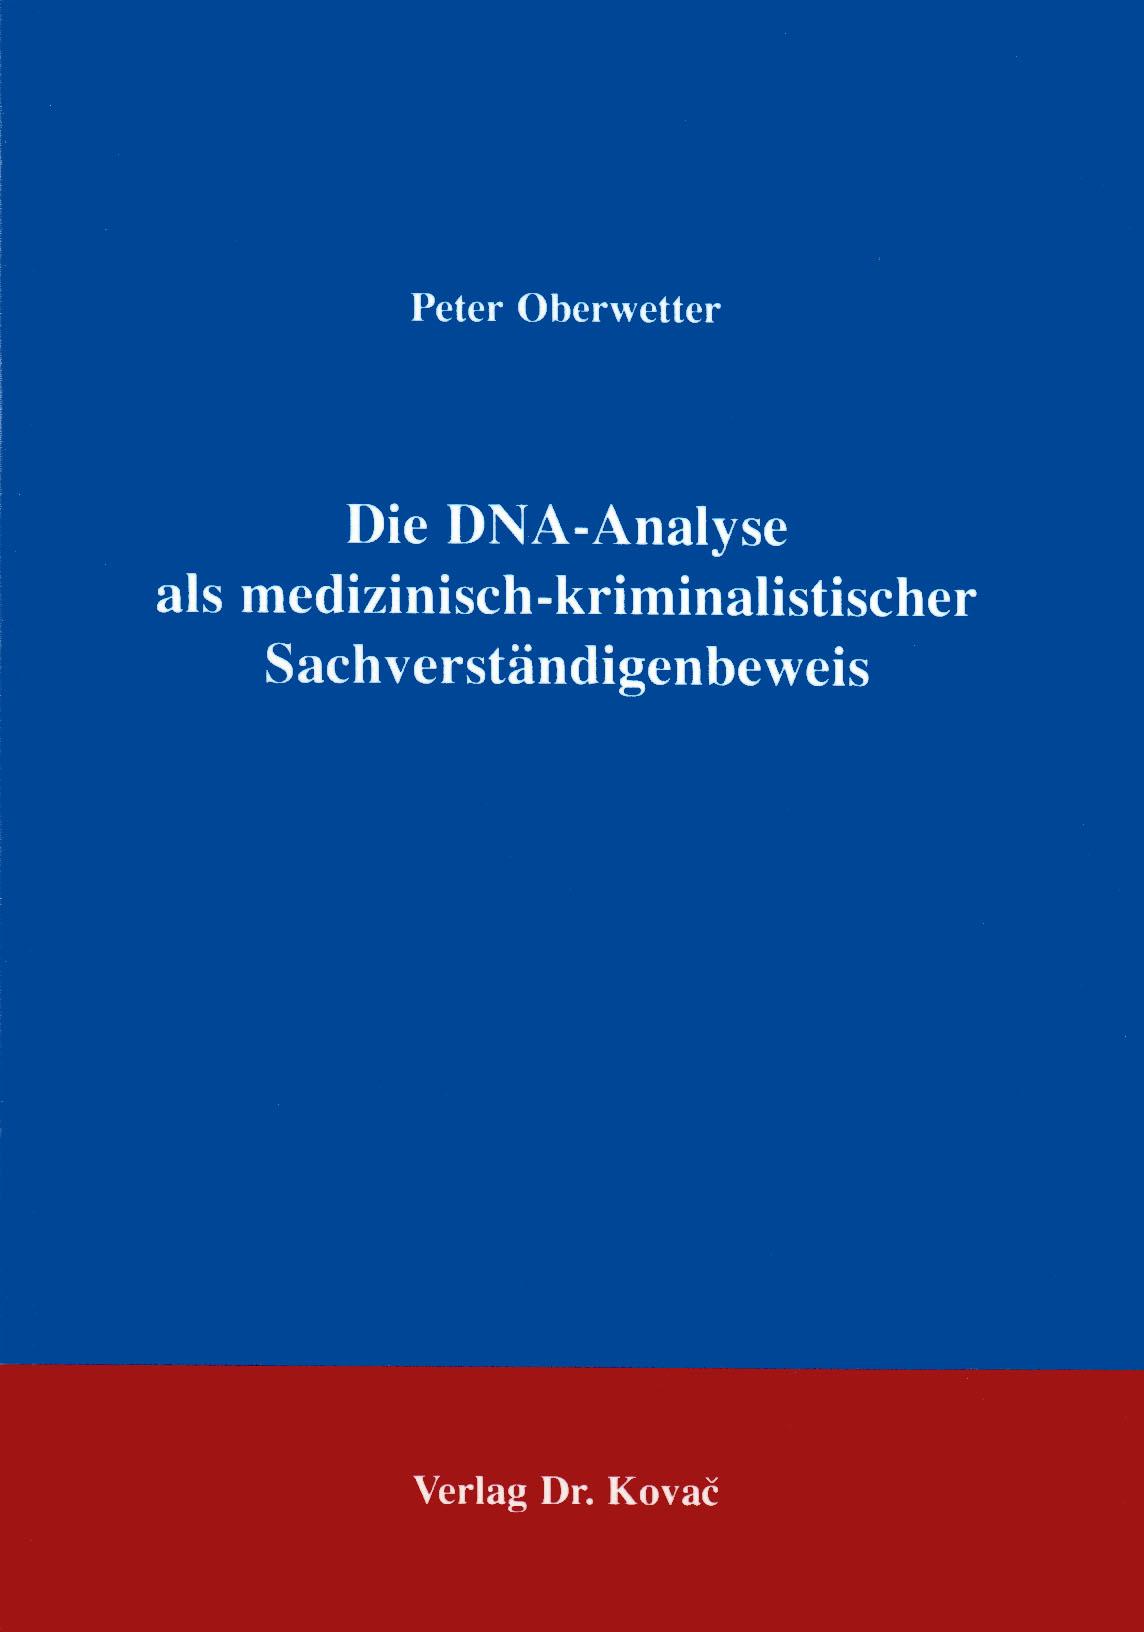 Cover: Die DNA-Analyse als medizinisch-kriminalistischer Sachverständigenbeweis